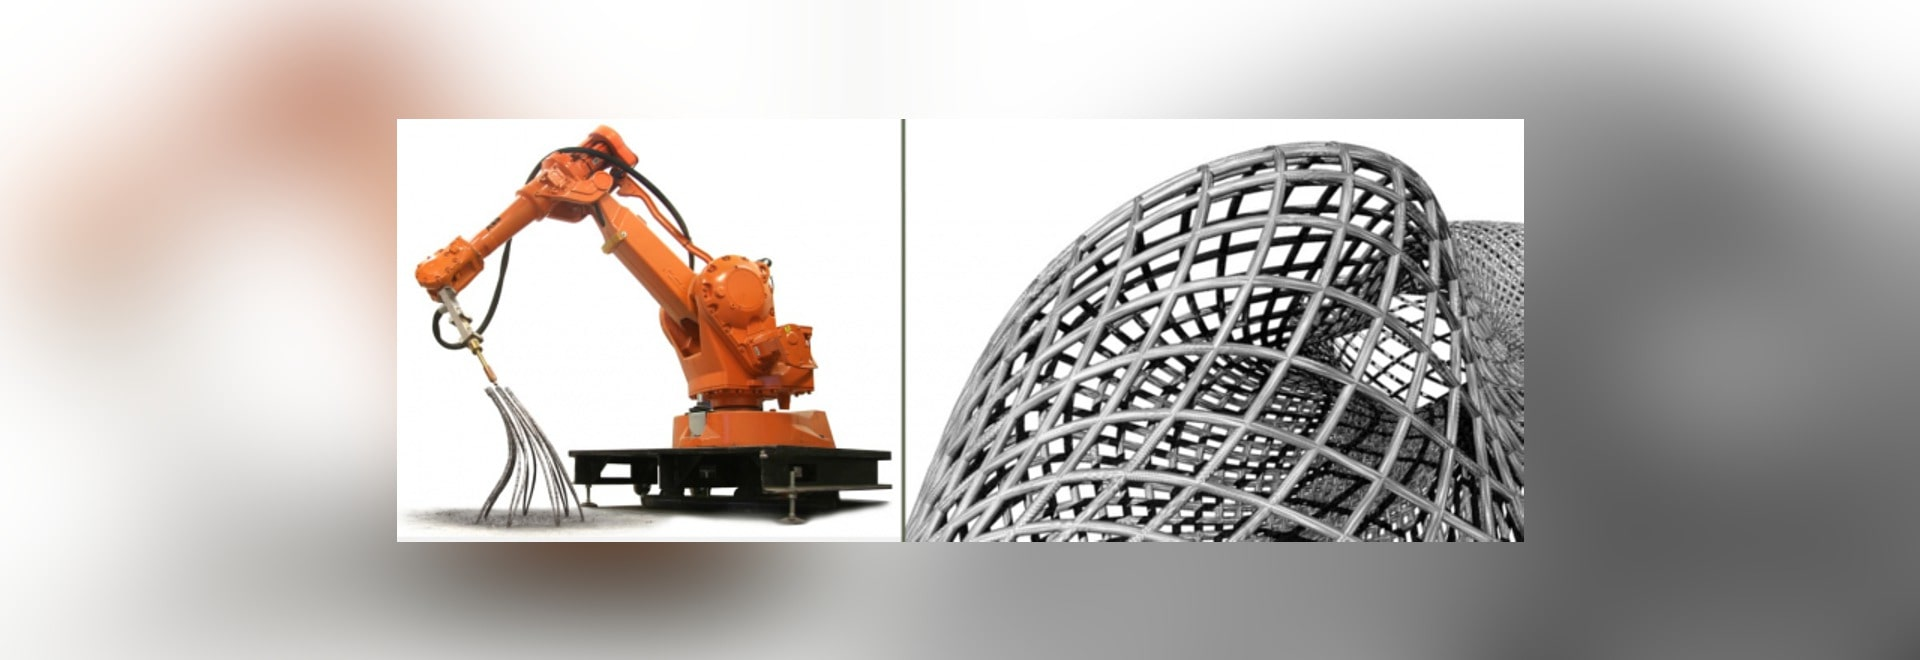 il BRACCIO ROBOT di STAMPA 3D GENERA le STRUTTURE INDIPENDENTI del METALLO